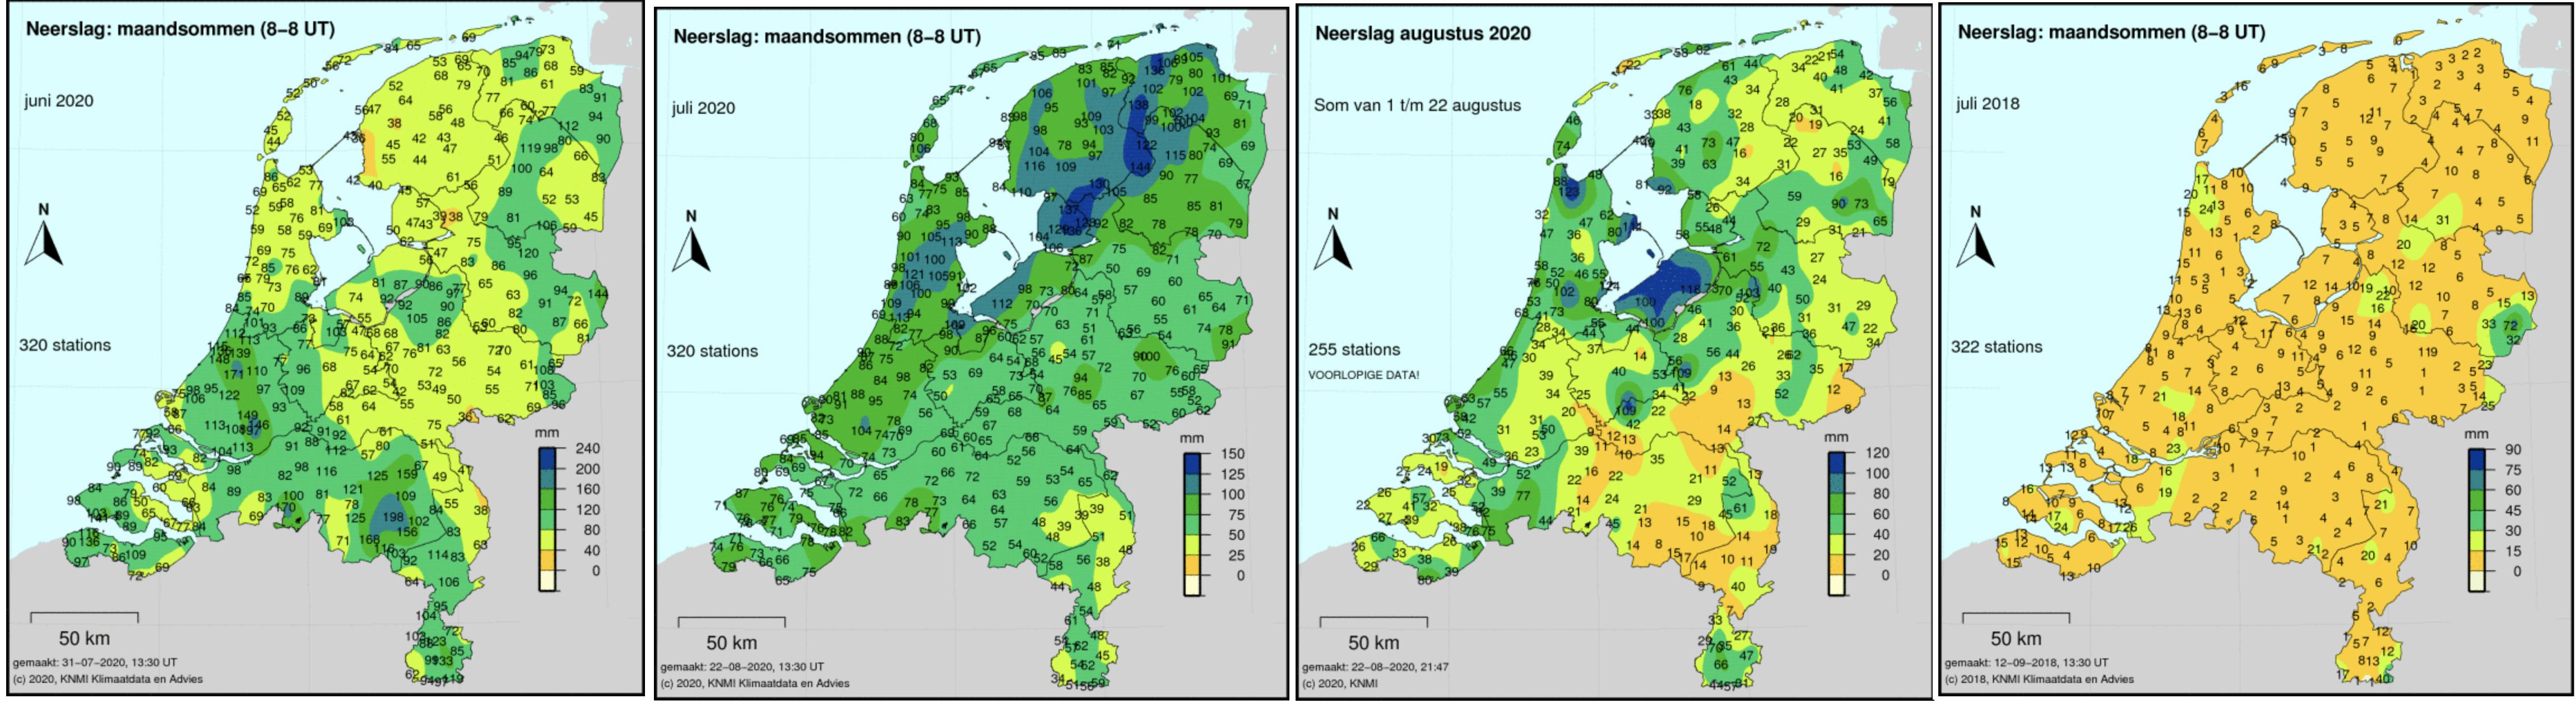 Neerslaghoeveelheden afgelopen zomermaanden. Ter vergelijking geheel rechts de kaart van juli 2018. (bron KNMI)